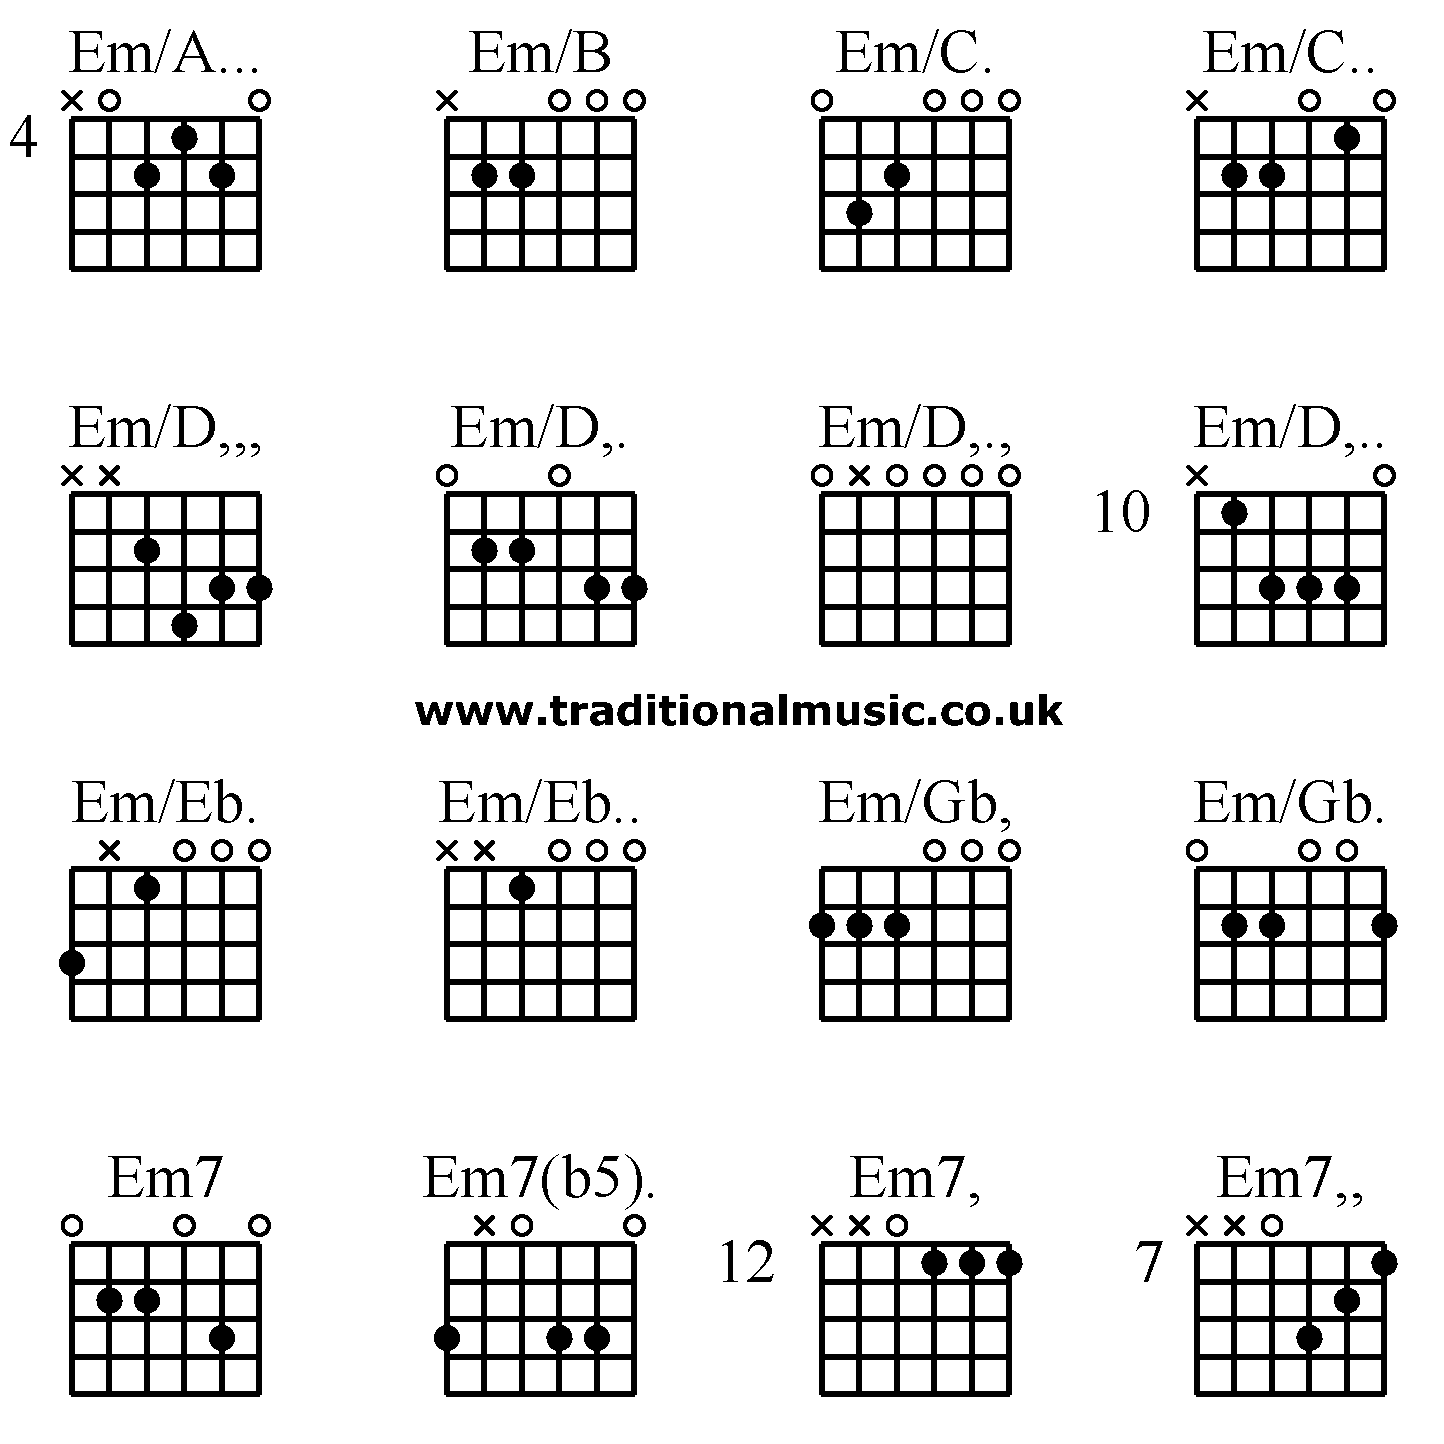 Guitar Chords Advanced Ema Emb Emc Emc Emd Emd Emd